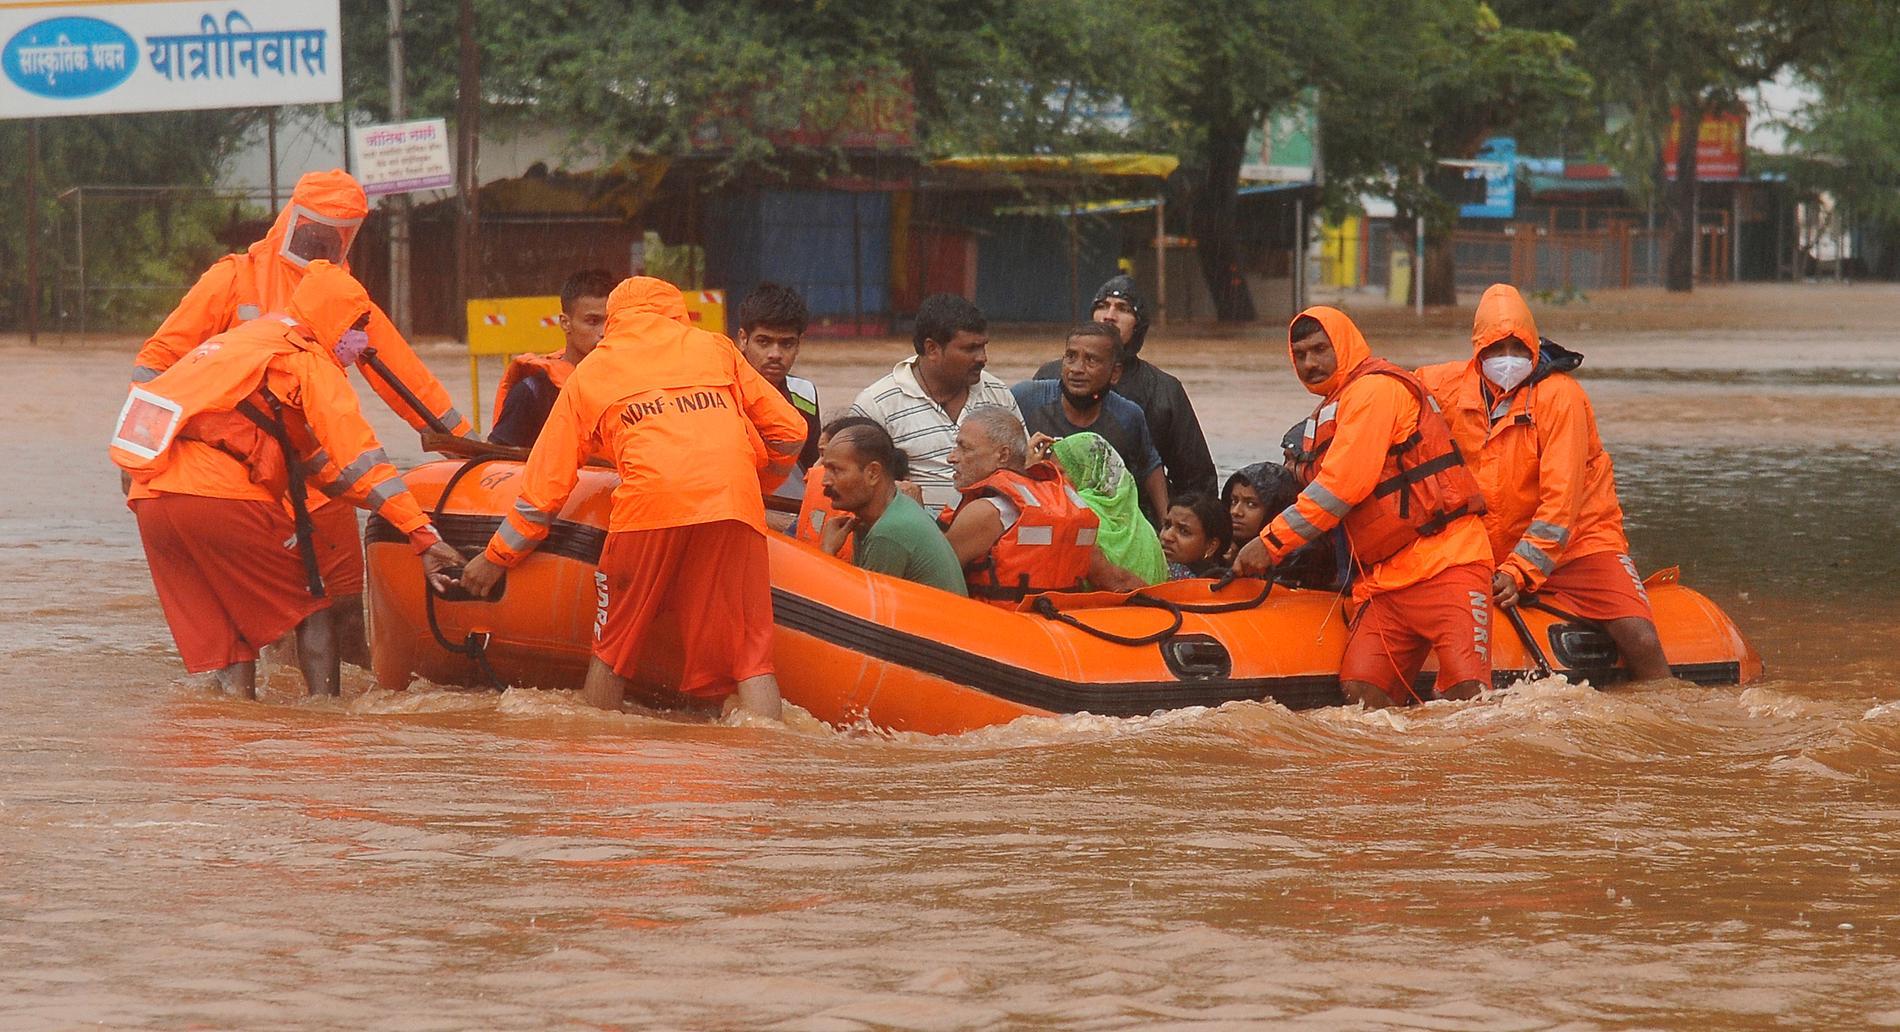 Räddningspersonal evakuerar människor som strandsatts i översvämningar i Kolhapur i västra Indien, efter kraftiga monsunregn.